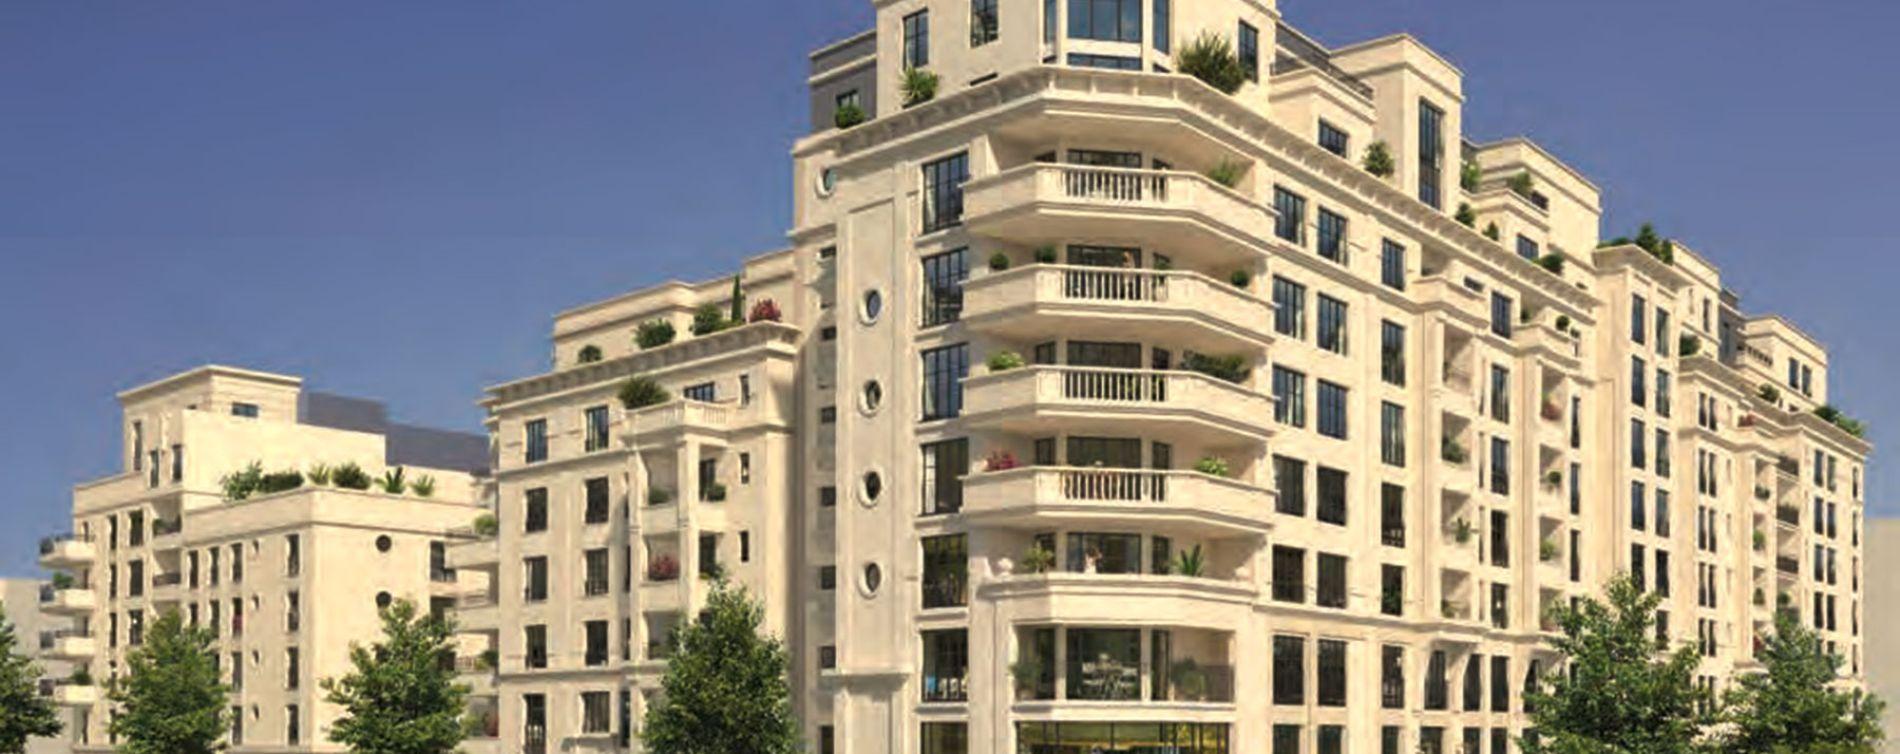 Résidence Rue Pablo Picasso - Bât. D à Saint-Ouen-sur-Seine